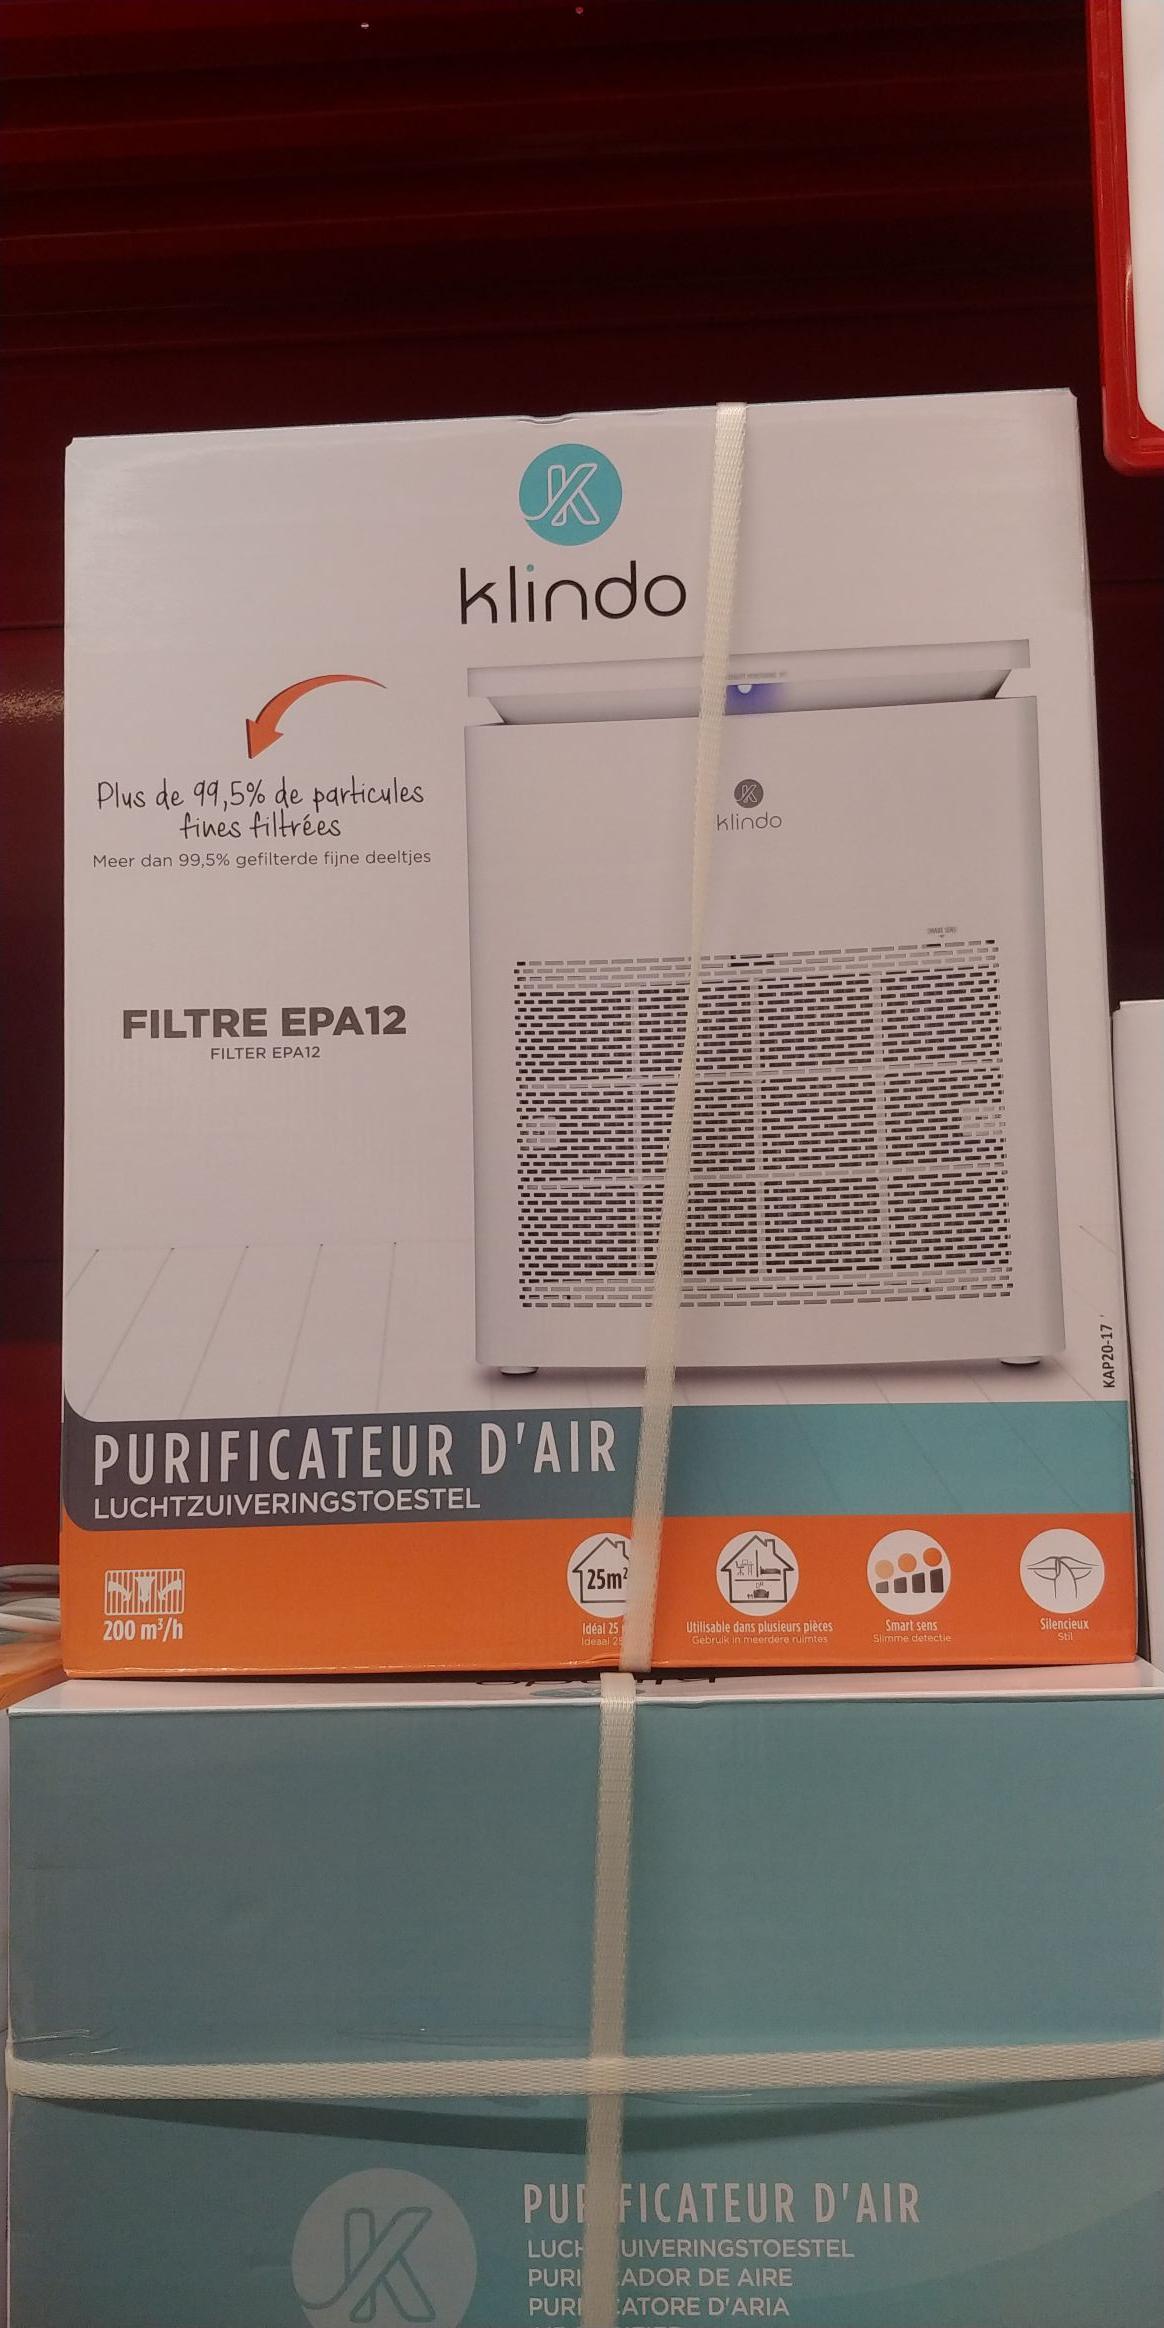 Oczyszczacz powietrza Klindo kap20-17. Carrefour Lublin